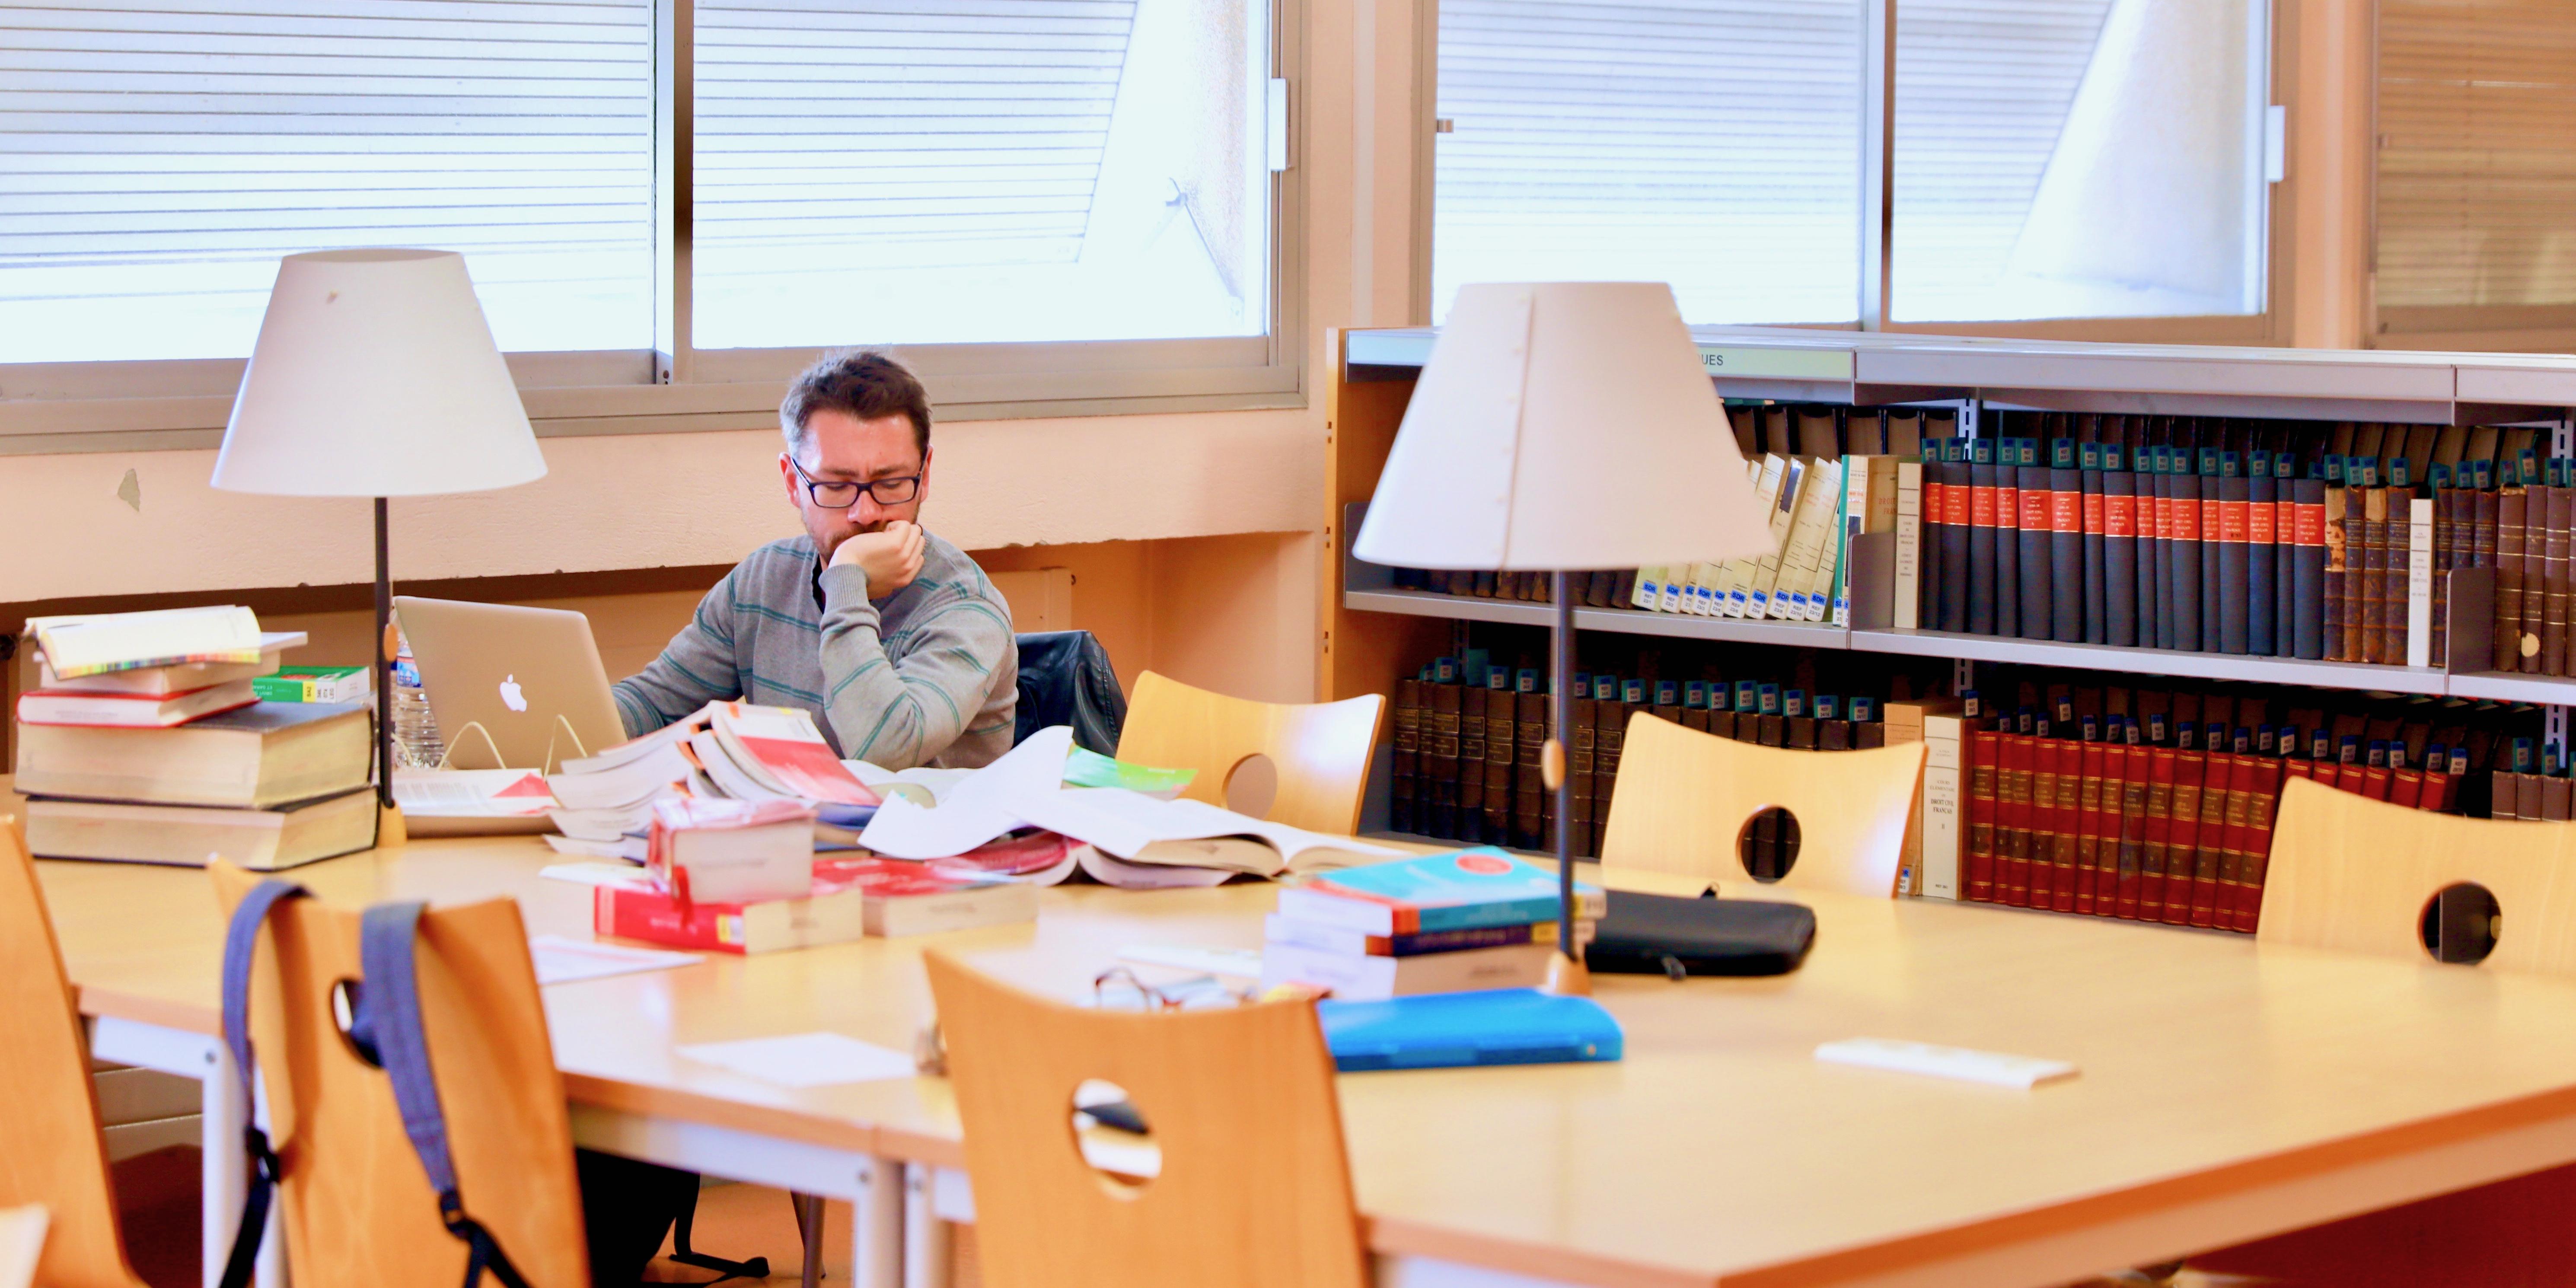 Doctorant travaillant dans une bibliothèque